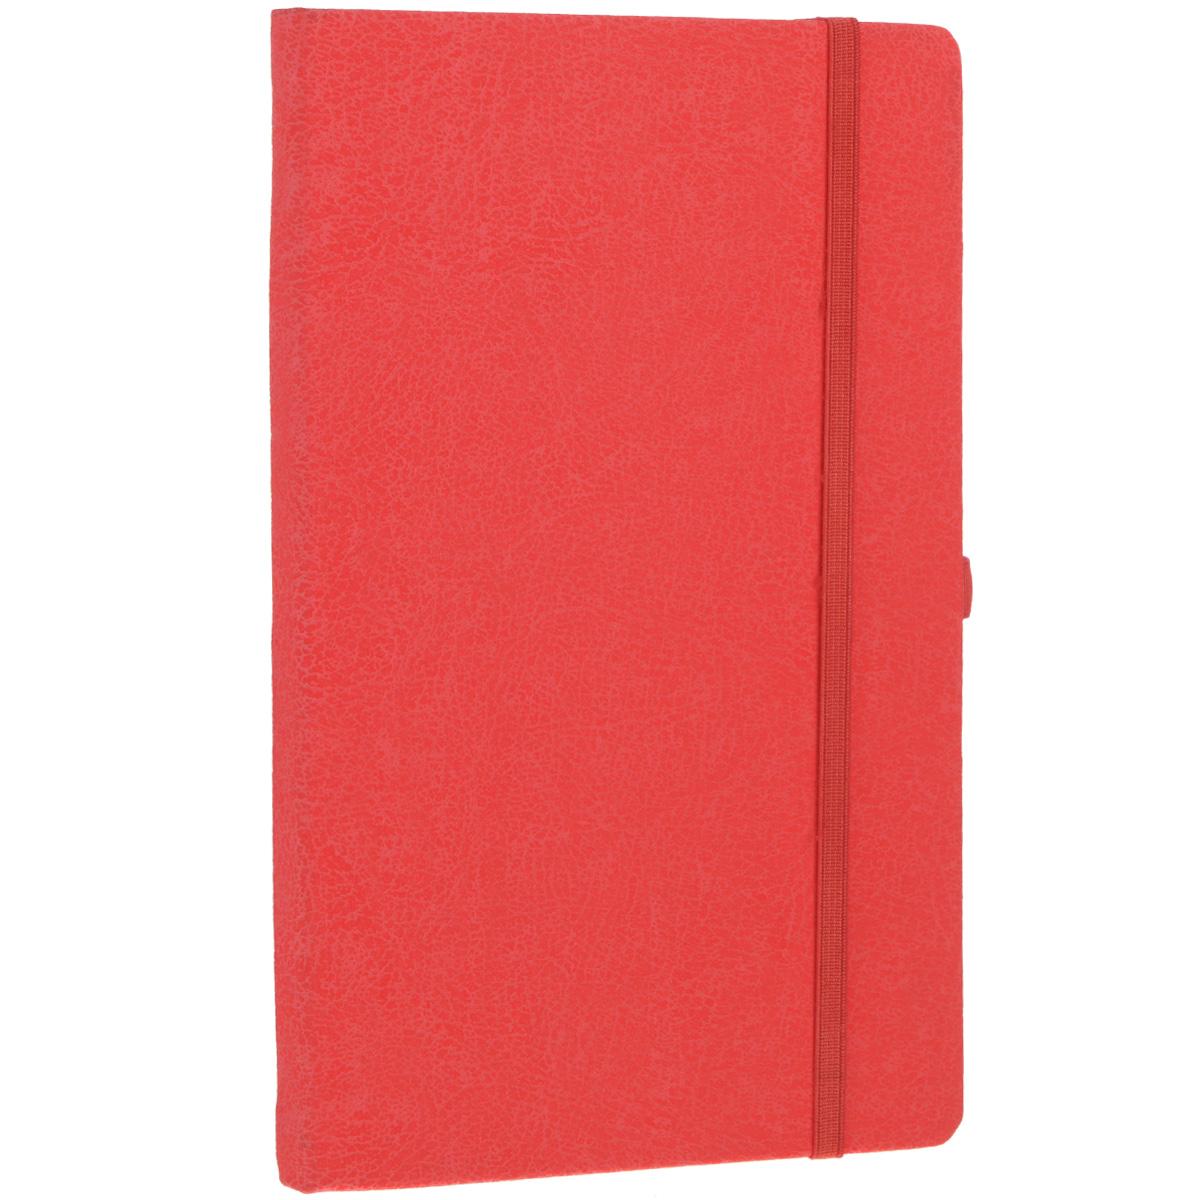 Записная книжка Erich Krause Perfect, цвет: красный, 96 листов72523WDЗаписная книжка Erich Krause Perfect - это дополнительный штрих к вашему имиджу. Демократичная в своем содержании, книжка может быть использована не только для личных пометок и записей, но и как недатированный ежедневник. Надежная твердая обложка из плотного картона с тиснением под кожу сохранит ее в аккуратном состоянии на протяжении всего времени использования. Плотная в линейку бумага белого цвета, закладка-ляссе, практичные скругленные углы, эластичная петелька для ручки и внутренний бумажный карман на задней обложке - все это обеспечит вам истинное удовольствие от письма. В начале книжки имеется страничка для заполнения личных данных владельца, четыре страницы для заполнения адресов, телефонов и интернет-почты и четыре страницы для заполнения сайтов и ссылок. Благодаря небольшому формату книжку легко взять с собой. Записная книжка плотно закрывается при помощи фиксирующей резинки.